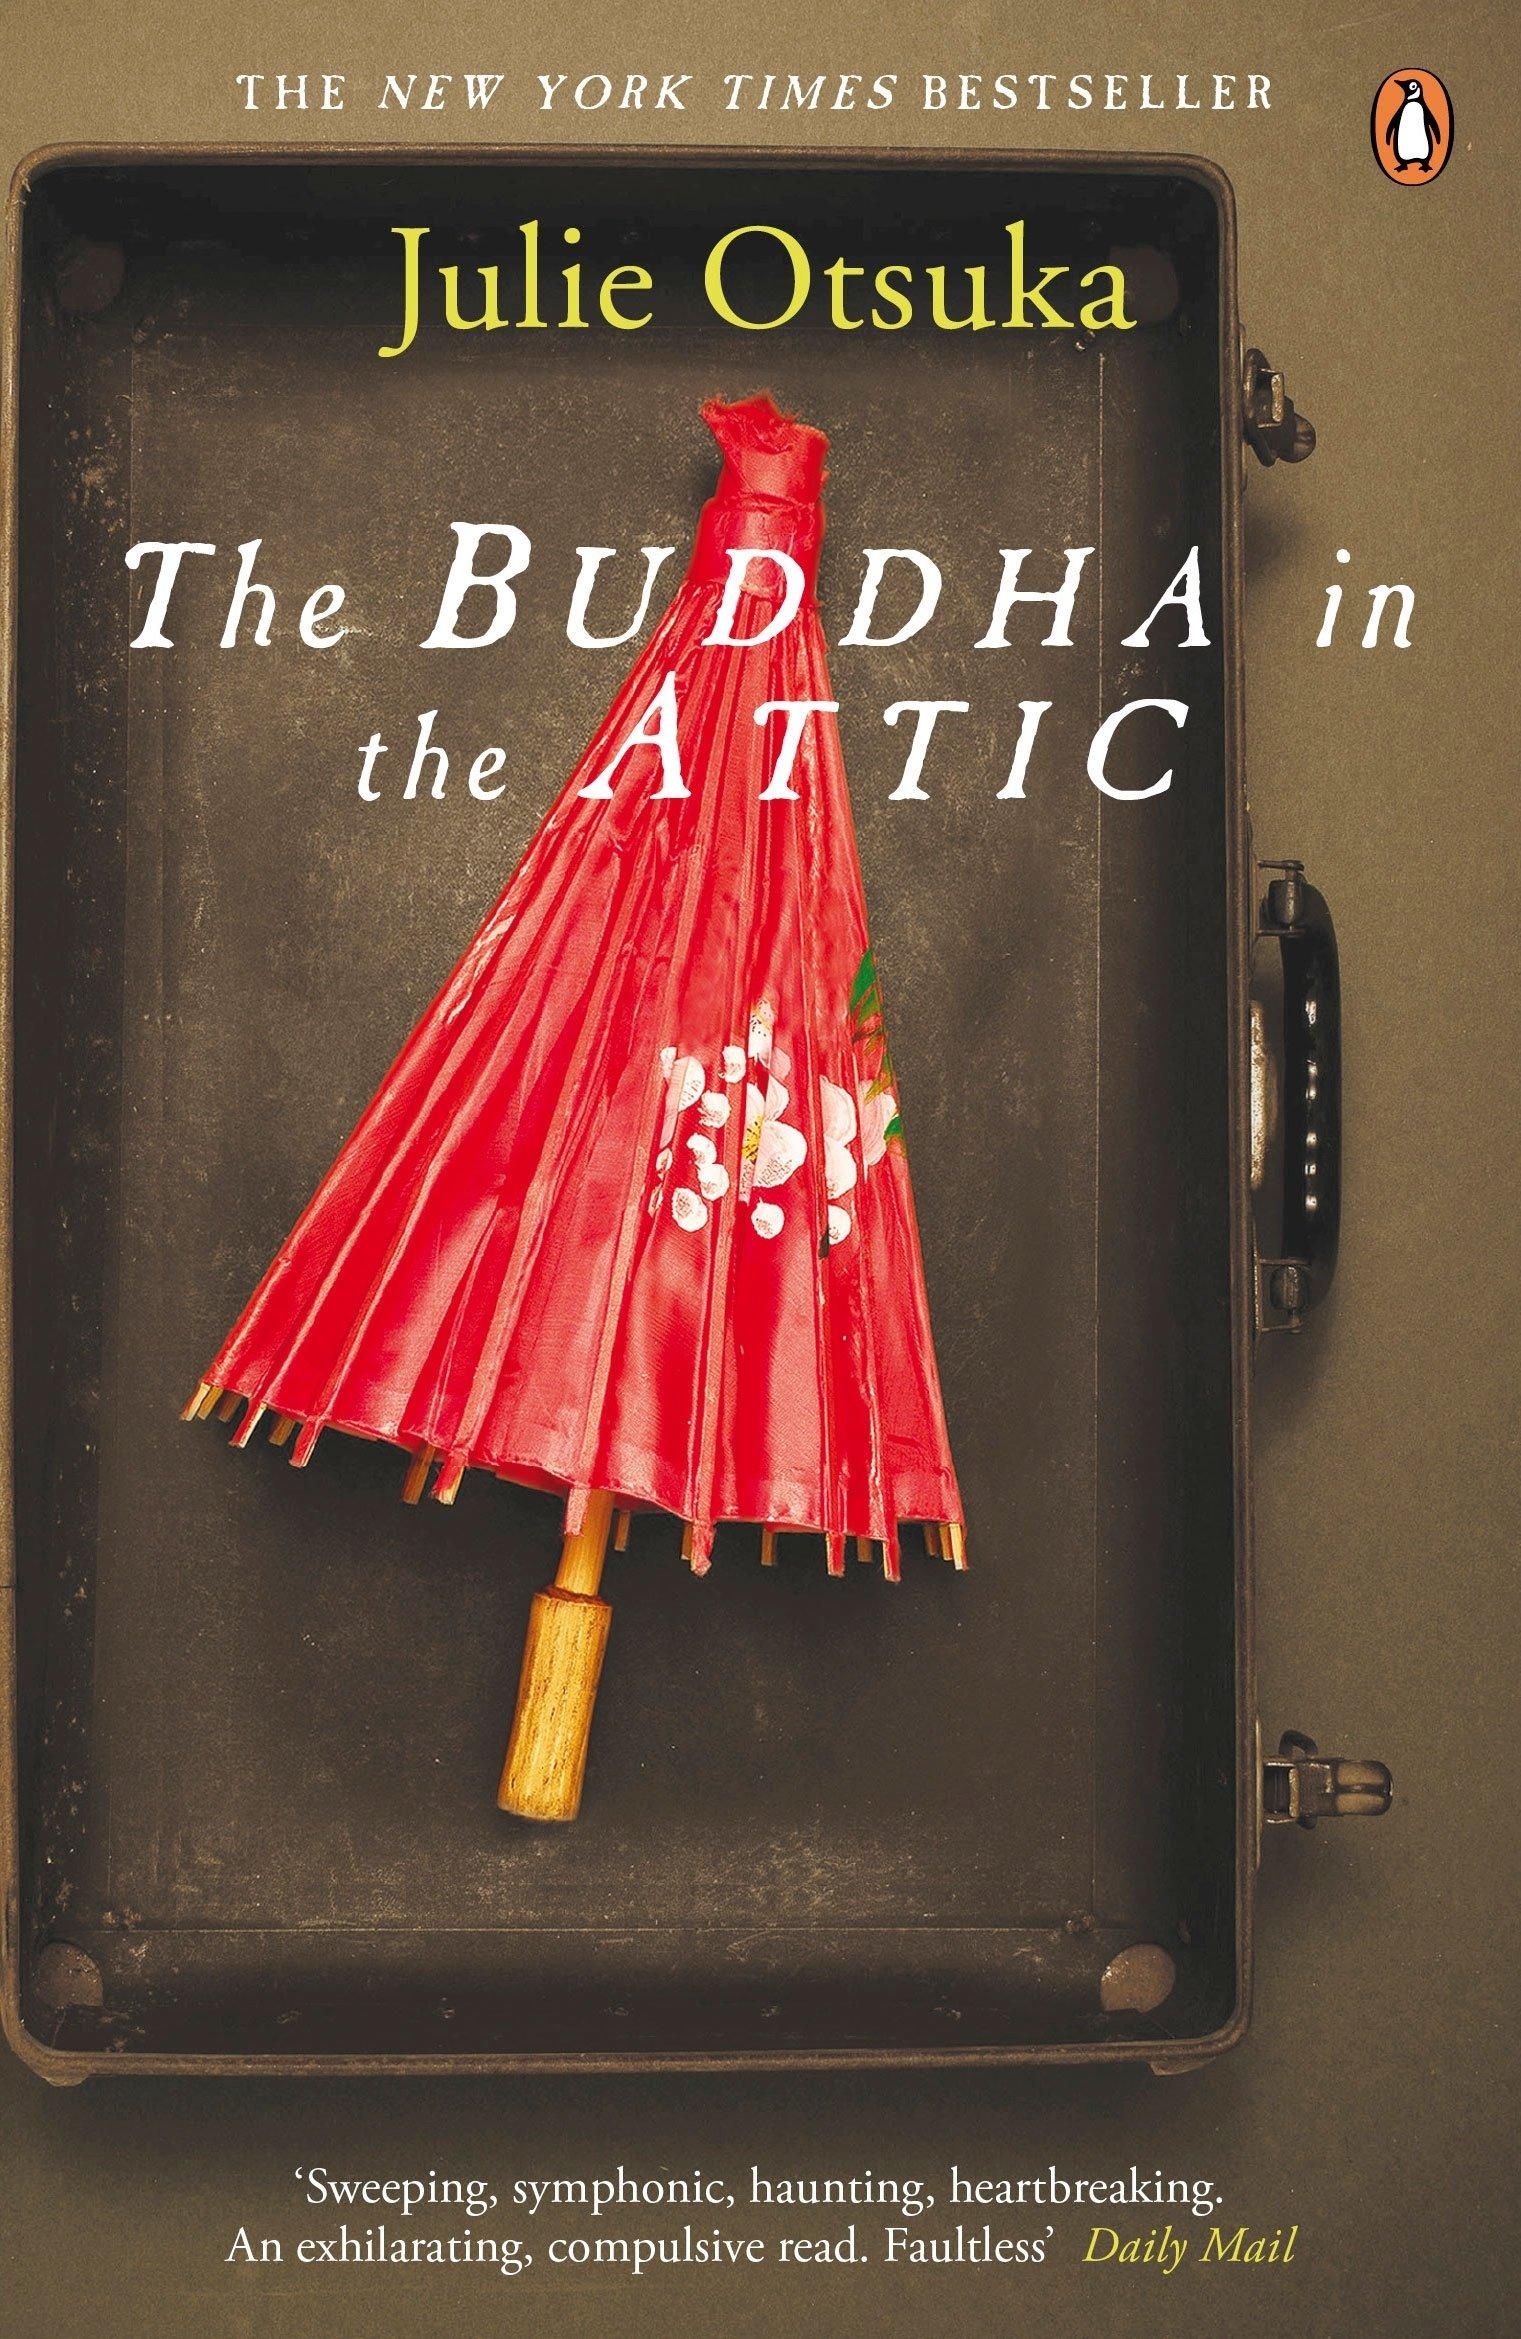 بودا در اتاق زیرشیروانی، اثر جولی اوتسوکا